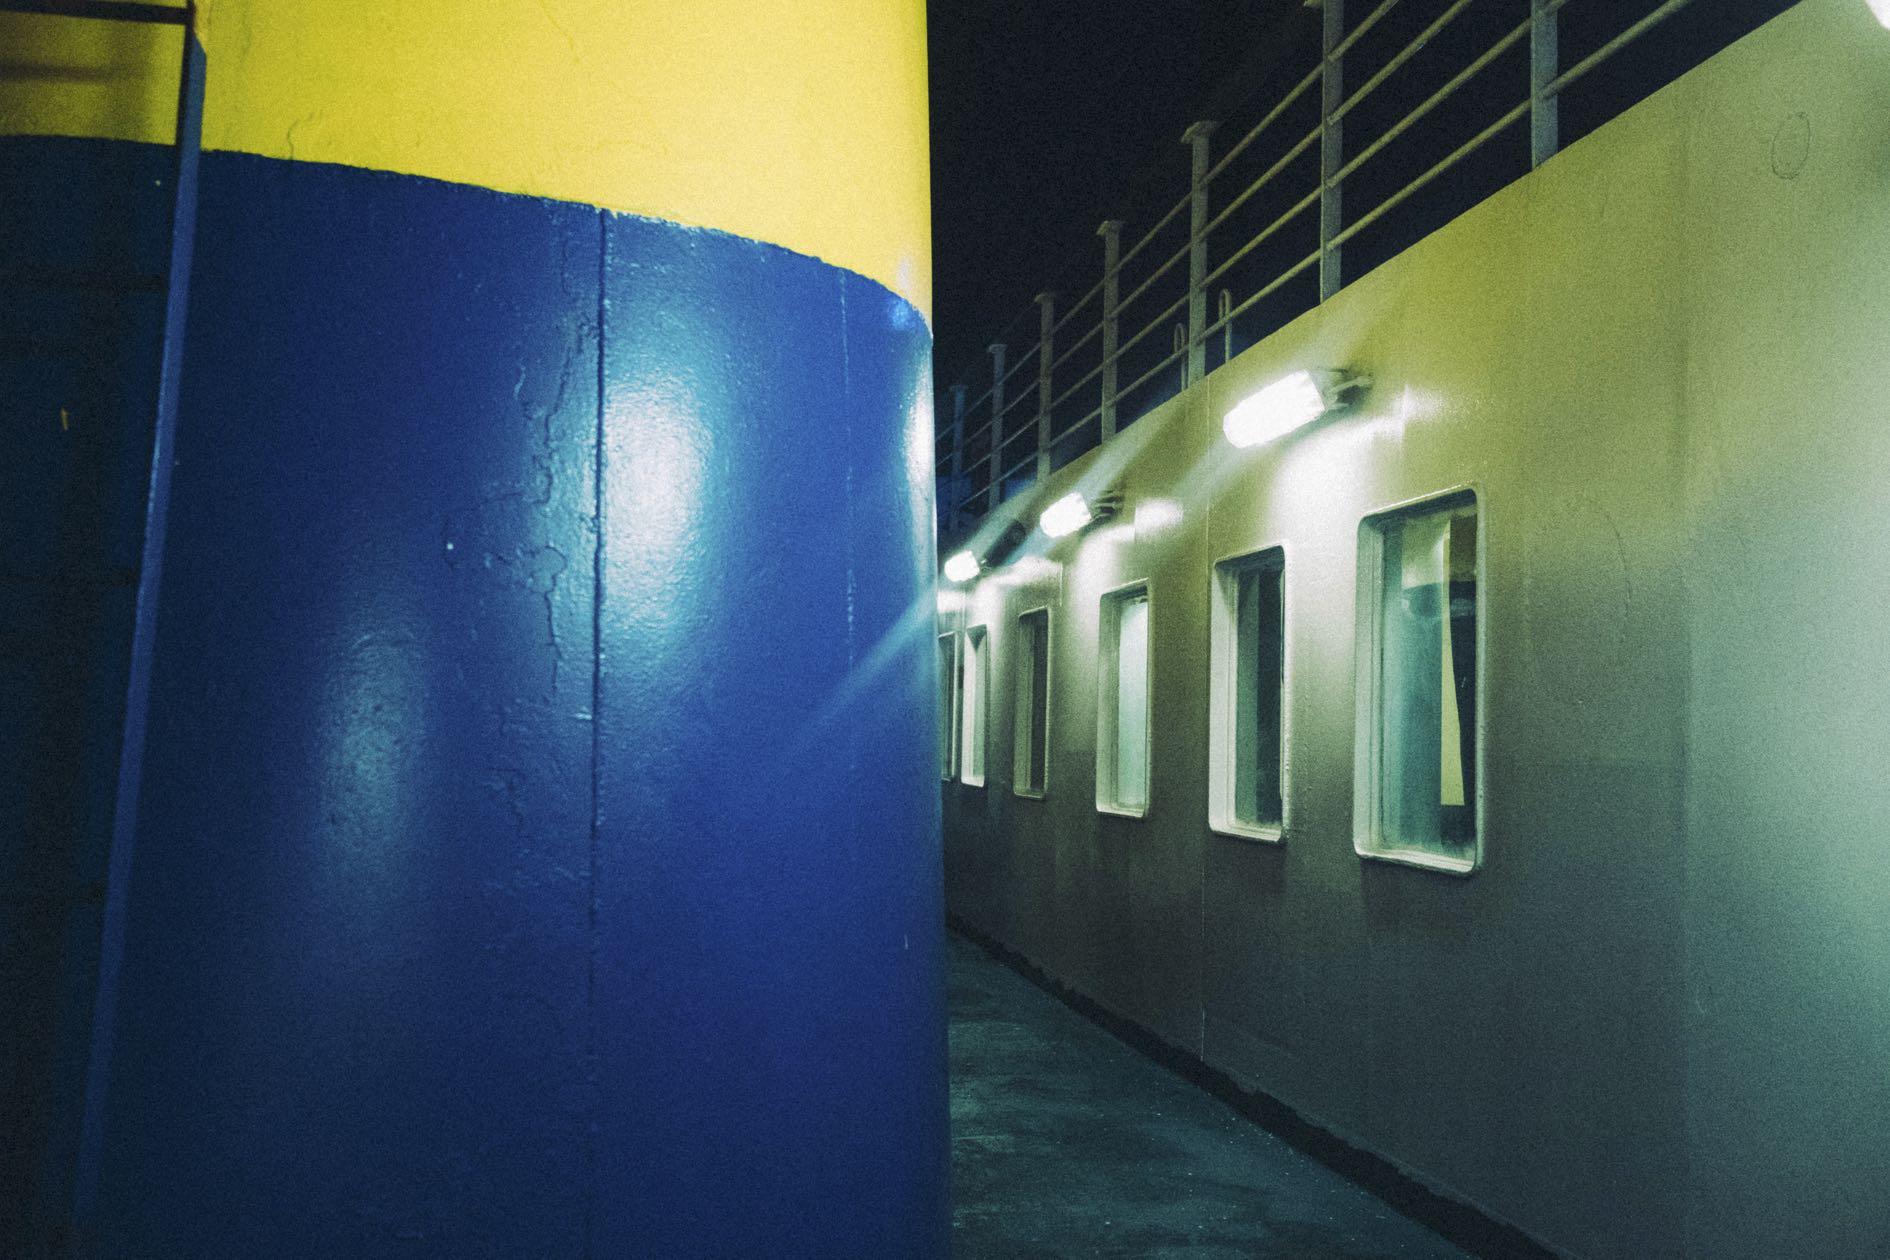 016 grec ferries @laurent parienti